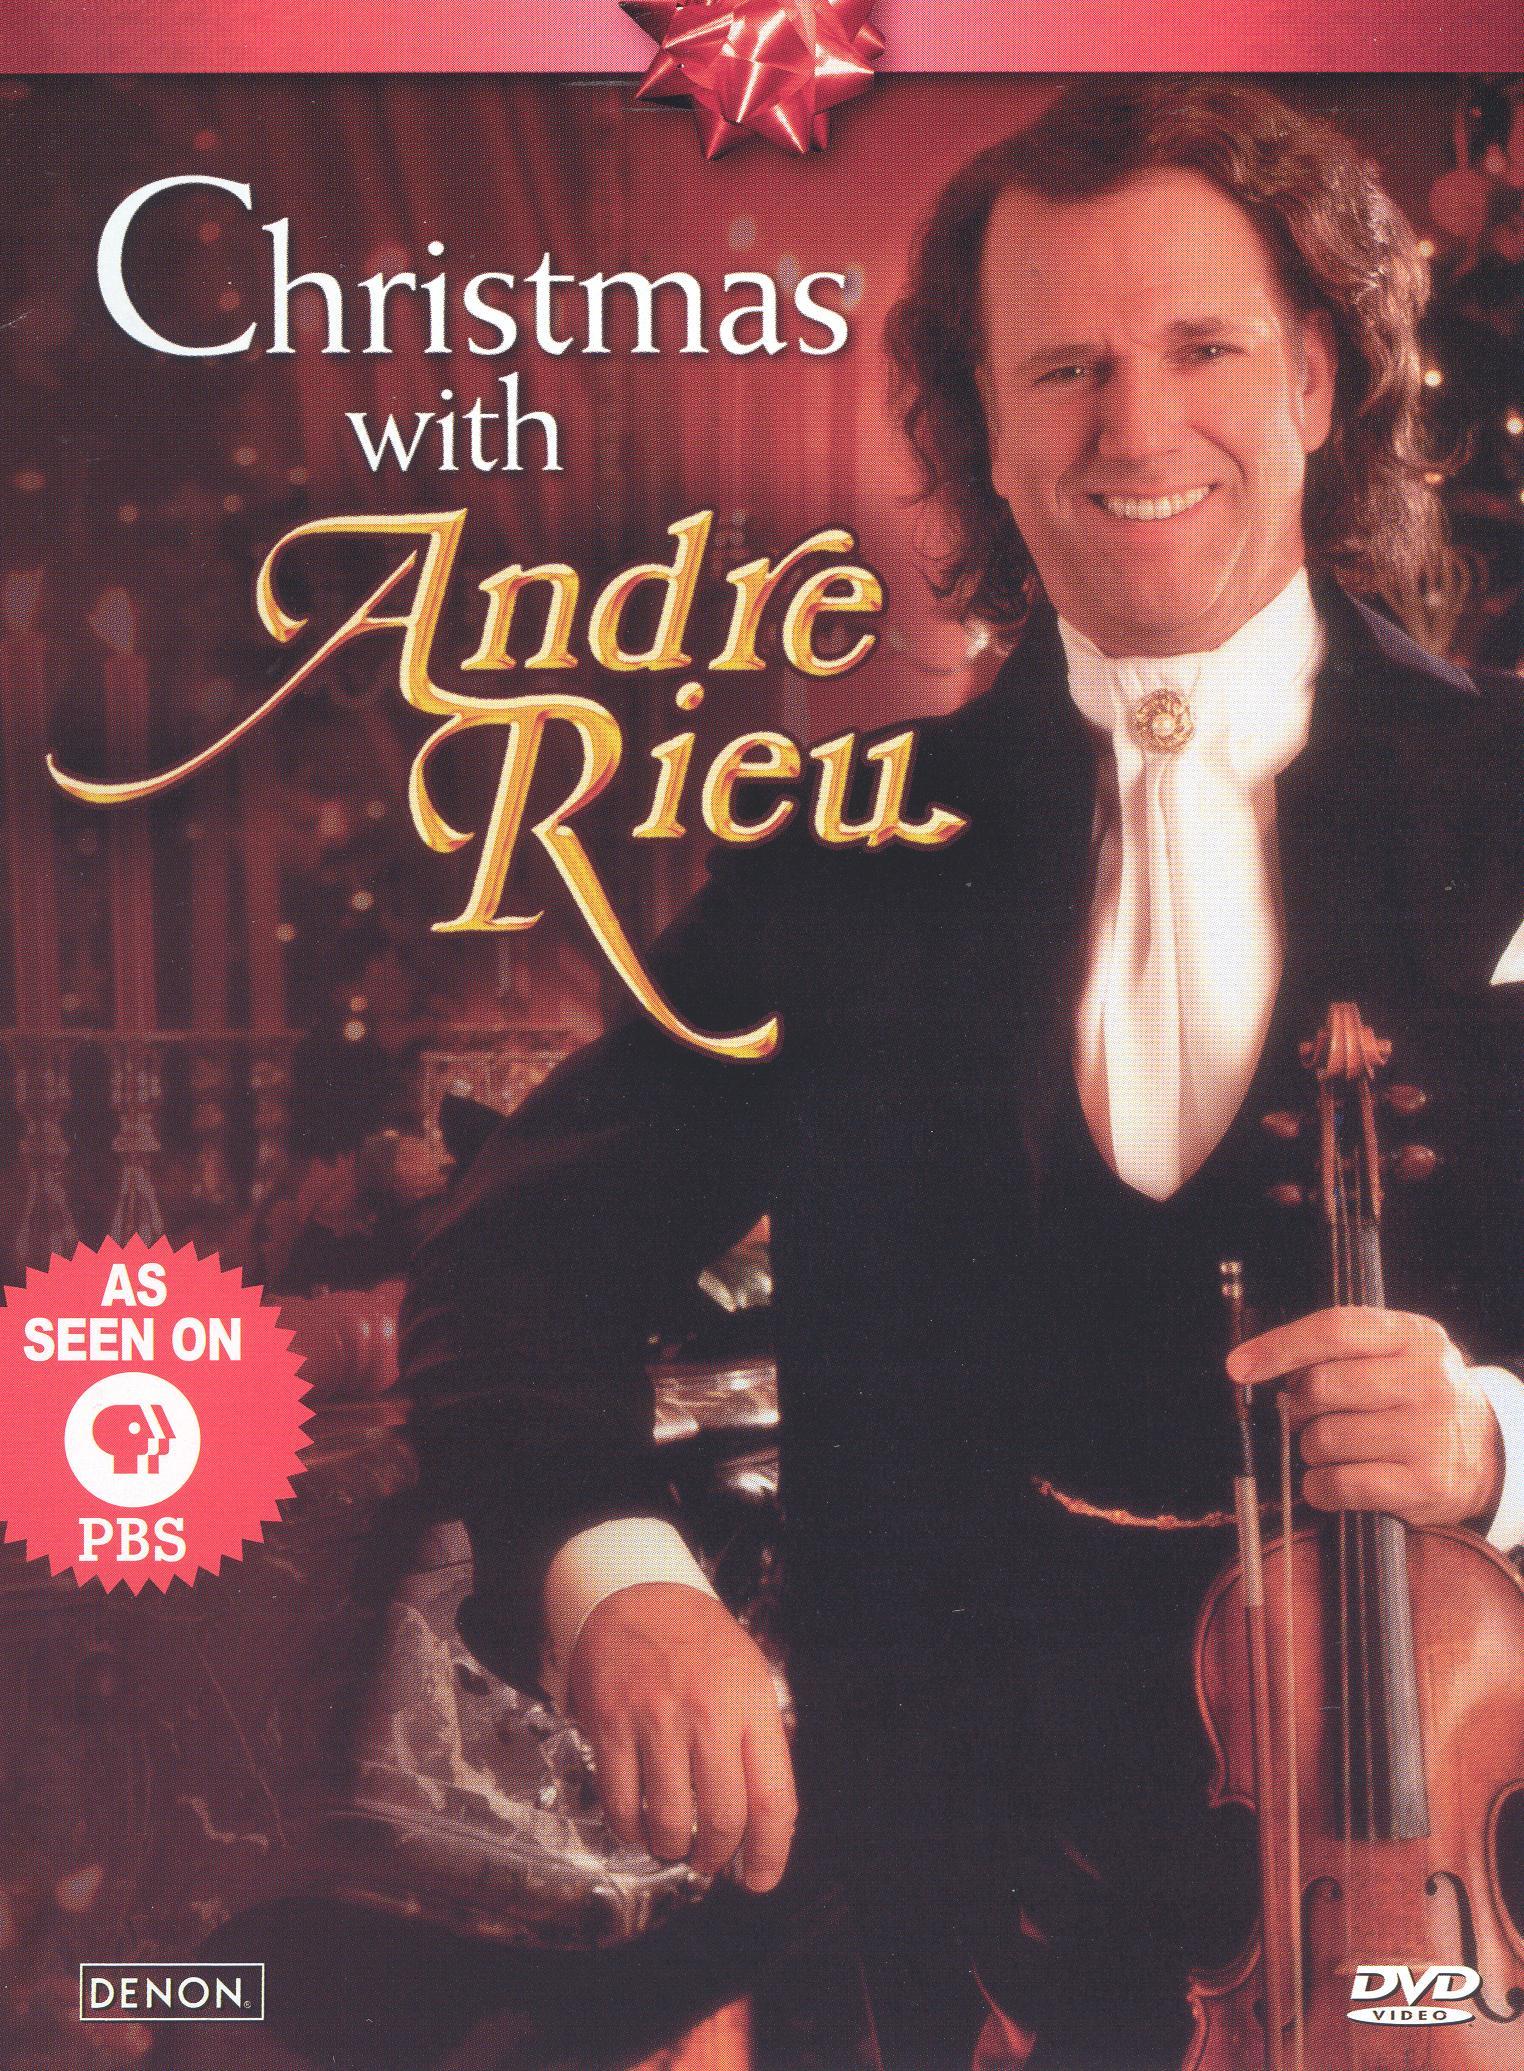 André Rieu: Christmas with André Rieu